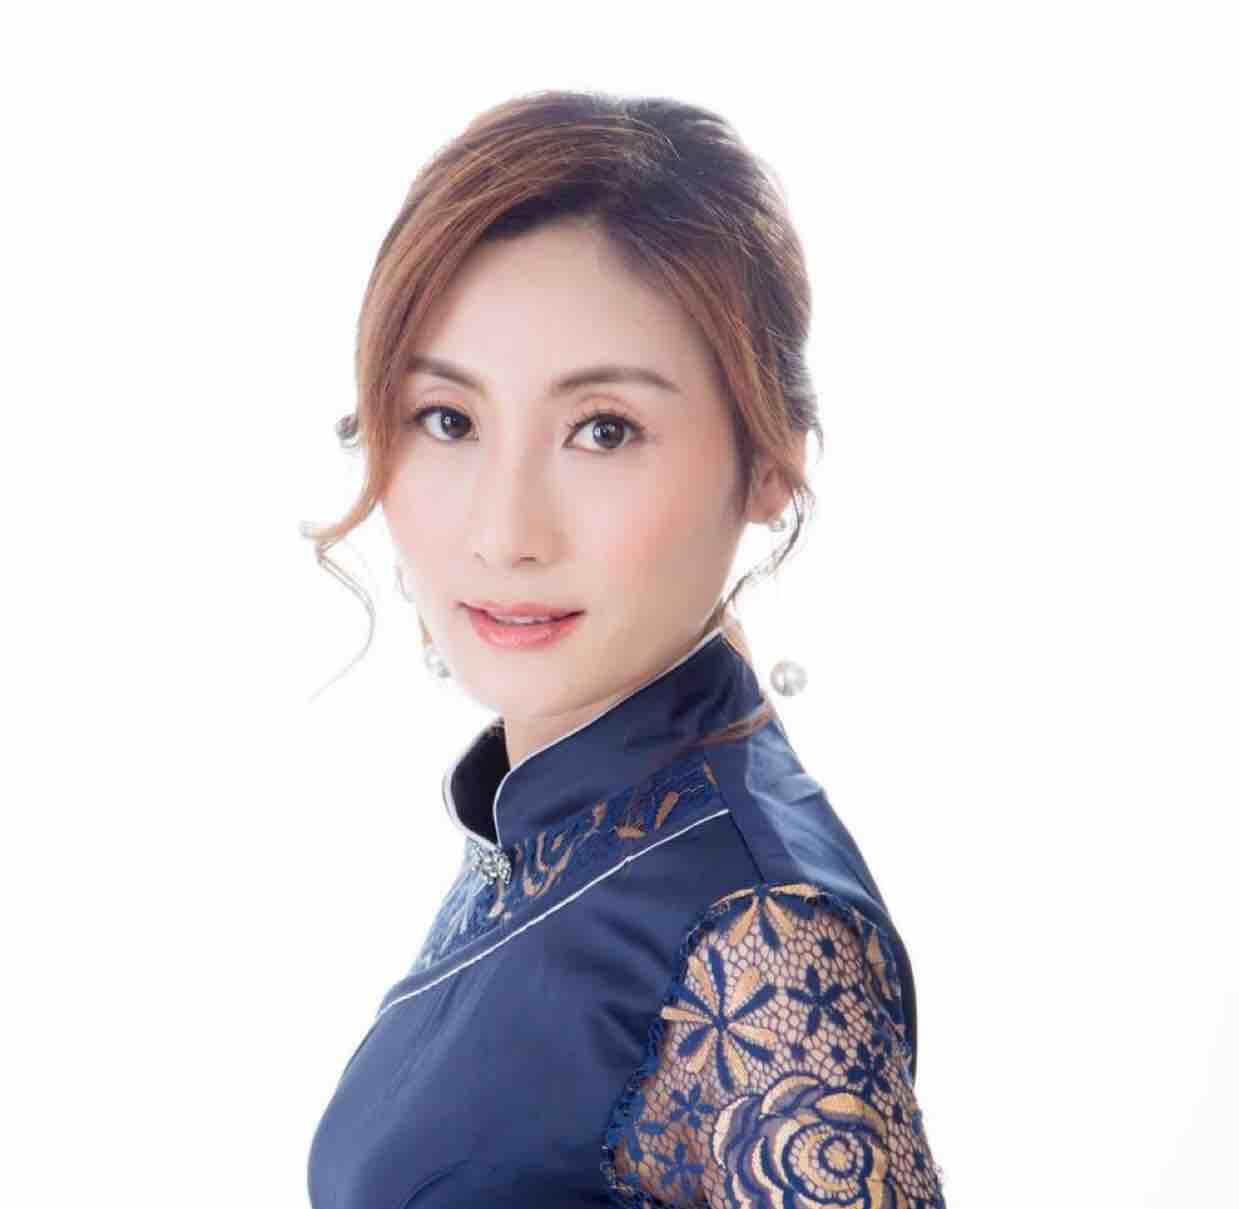 jiajiawong866